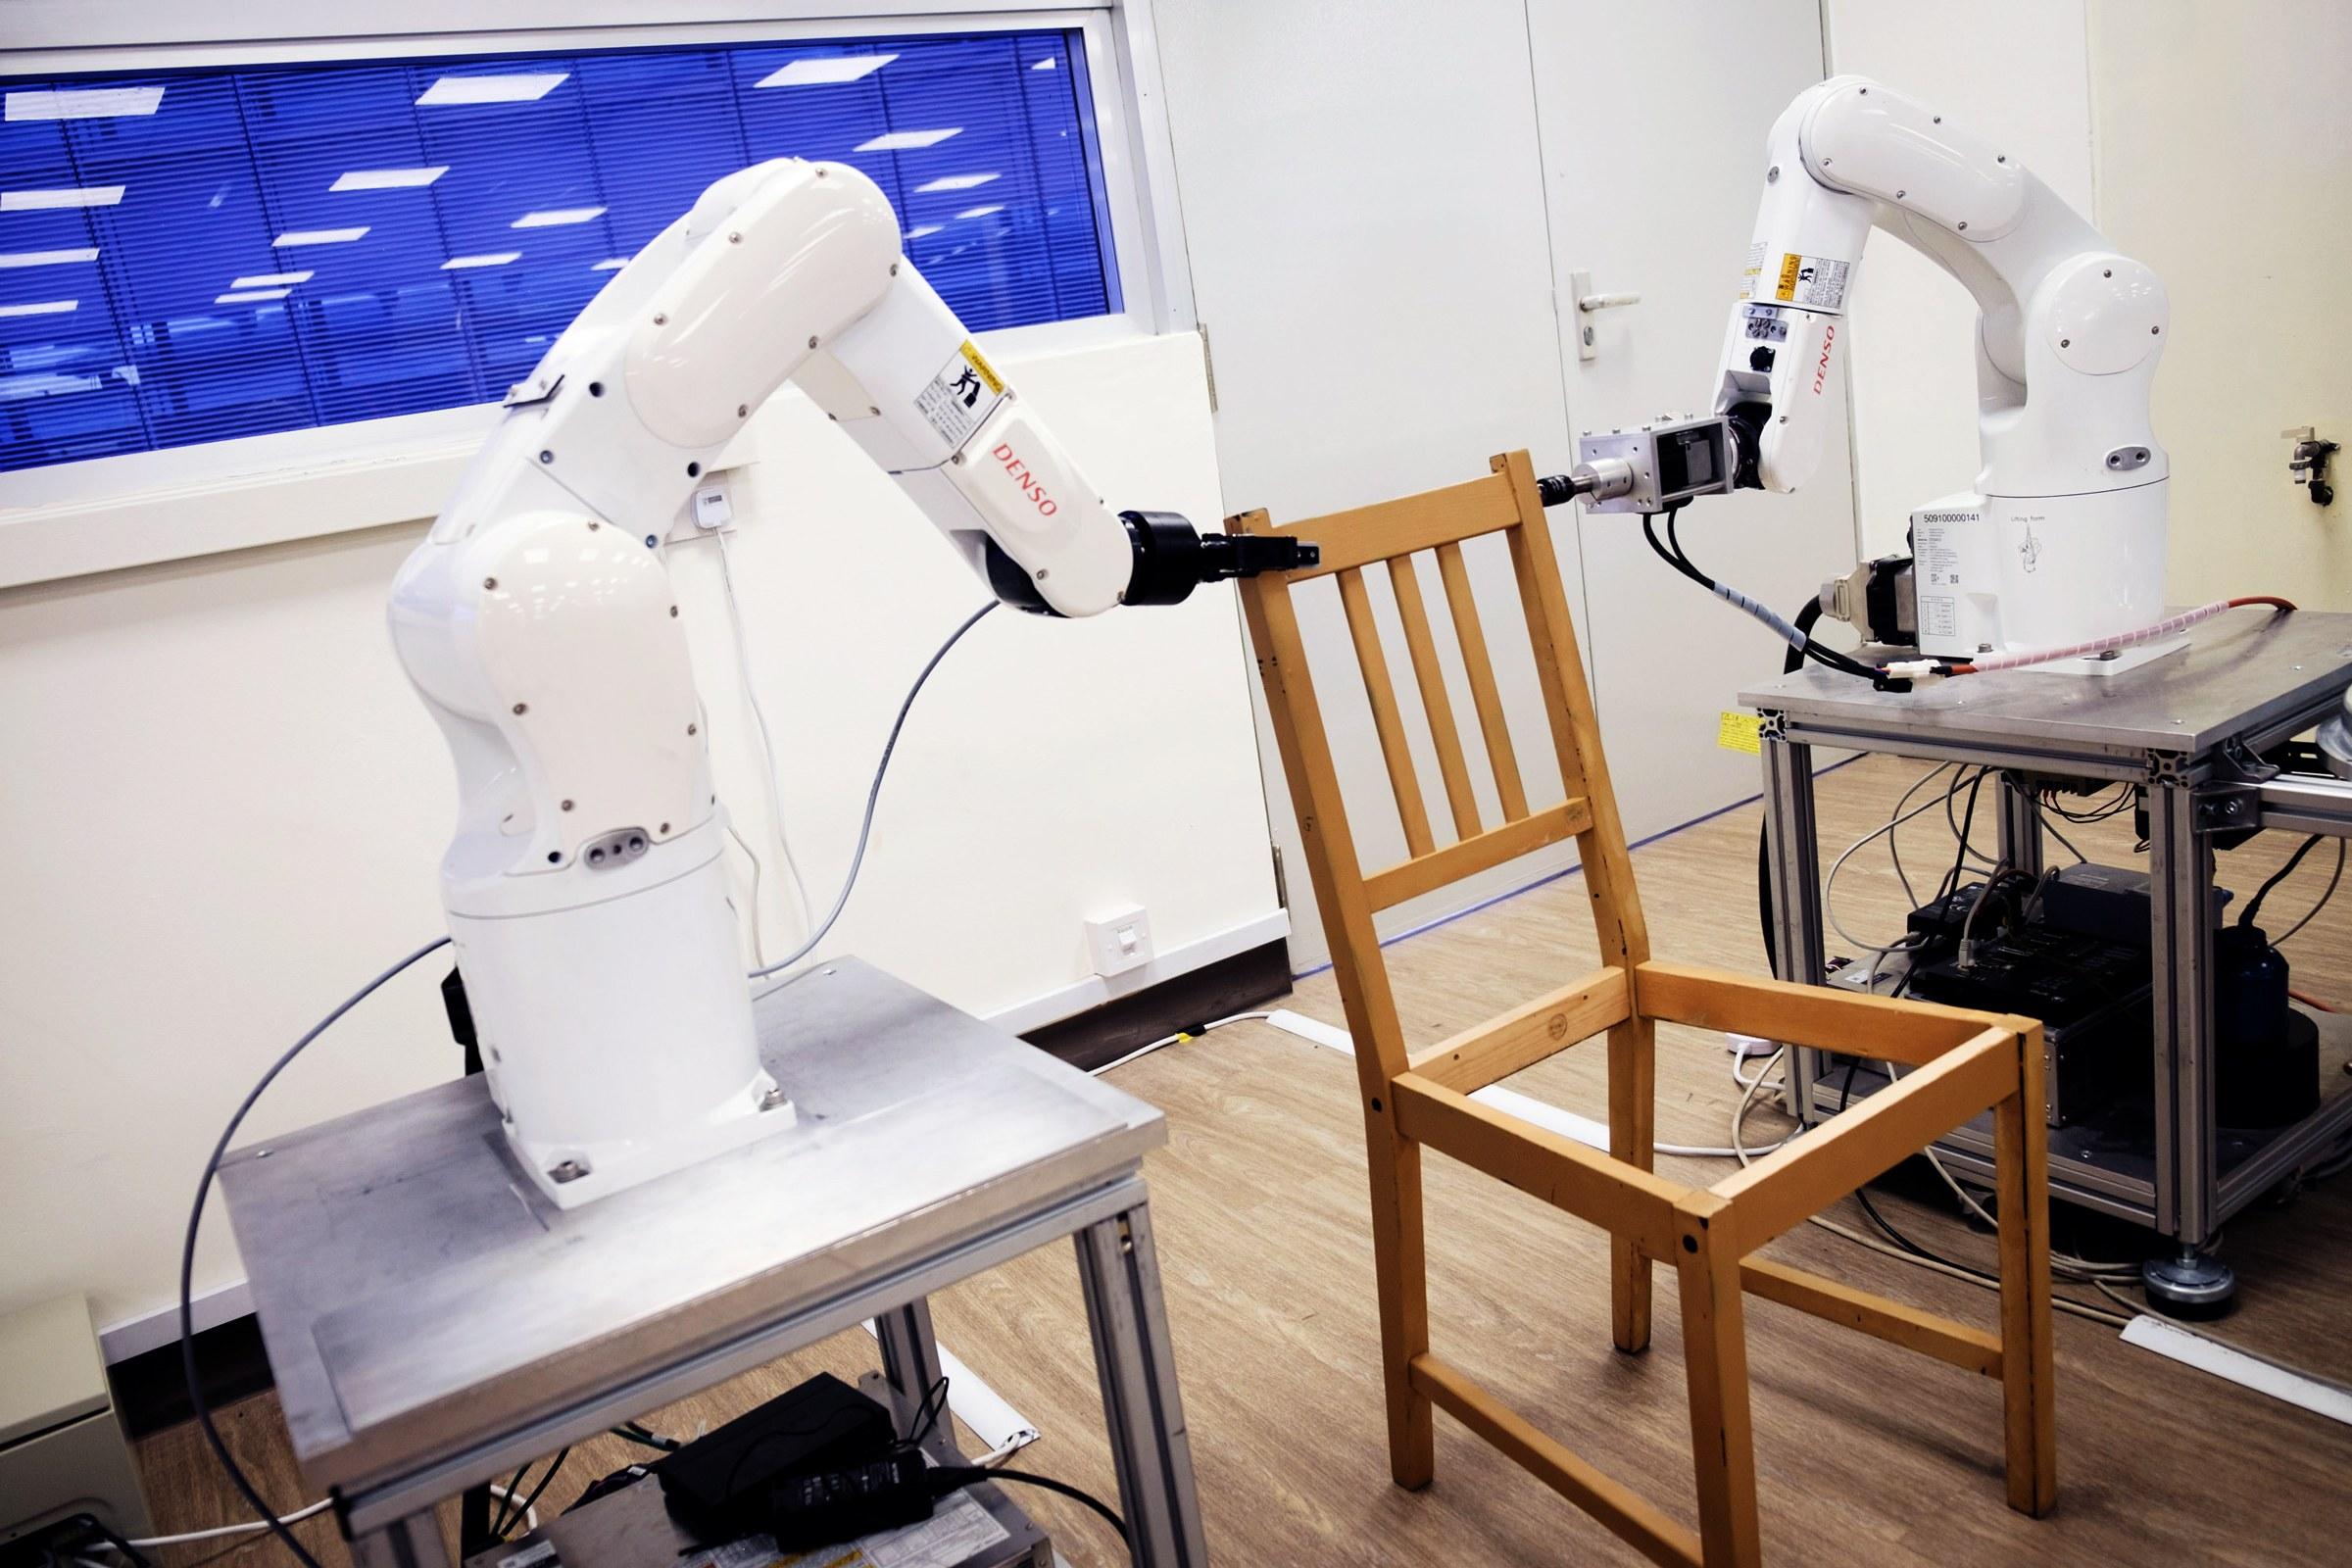 Intelligenza artificiale e braccia robotiche superano una delle sfide dell'essere umano: montare un mobile Ikea